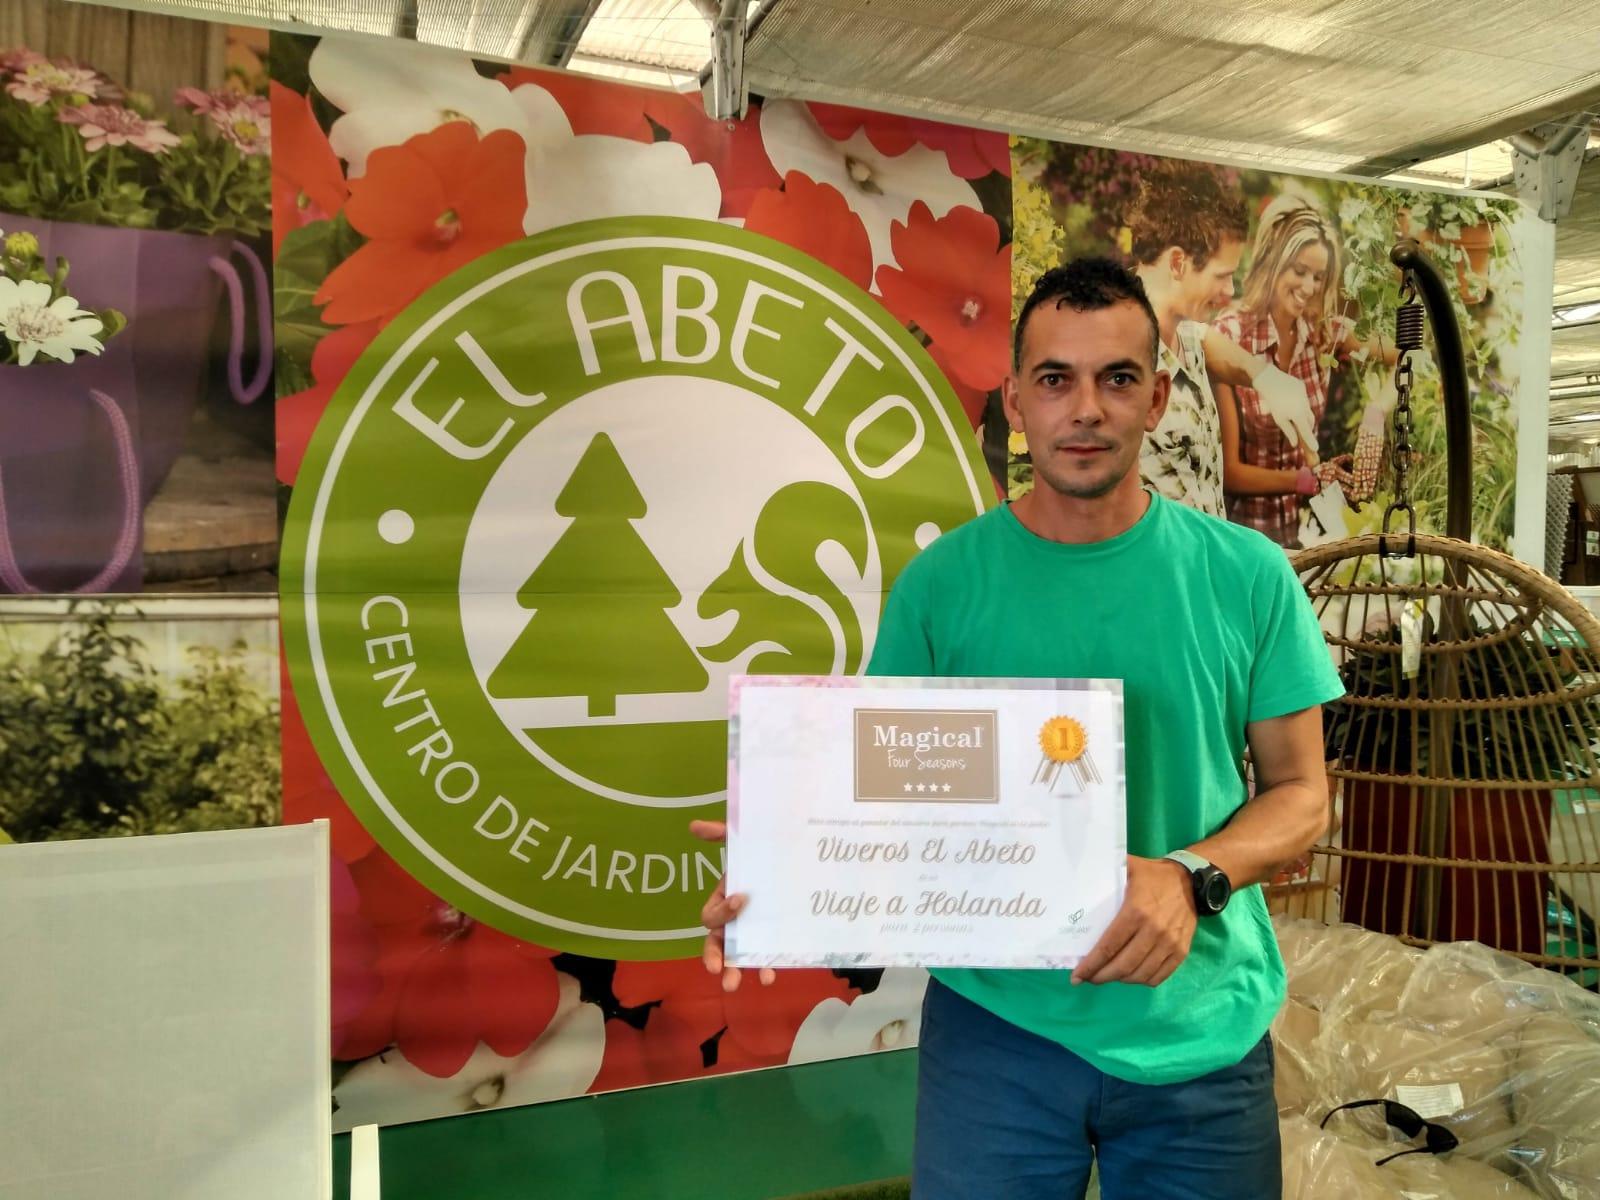 El ganador del concurso 'Magical en tu jardín' gana un viaje a Holanda para dos personas